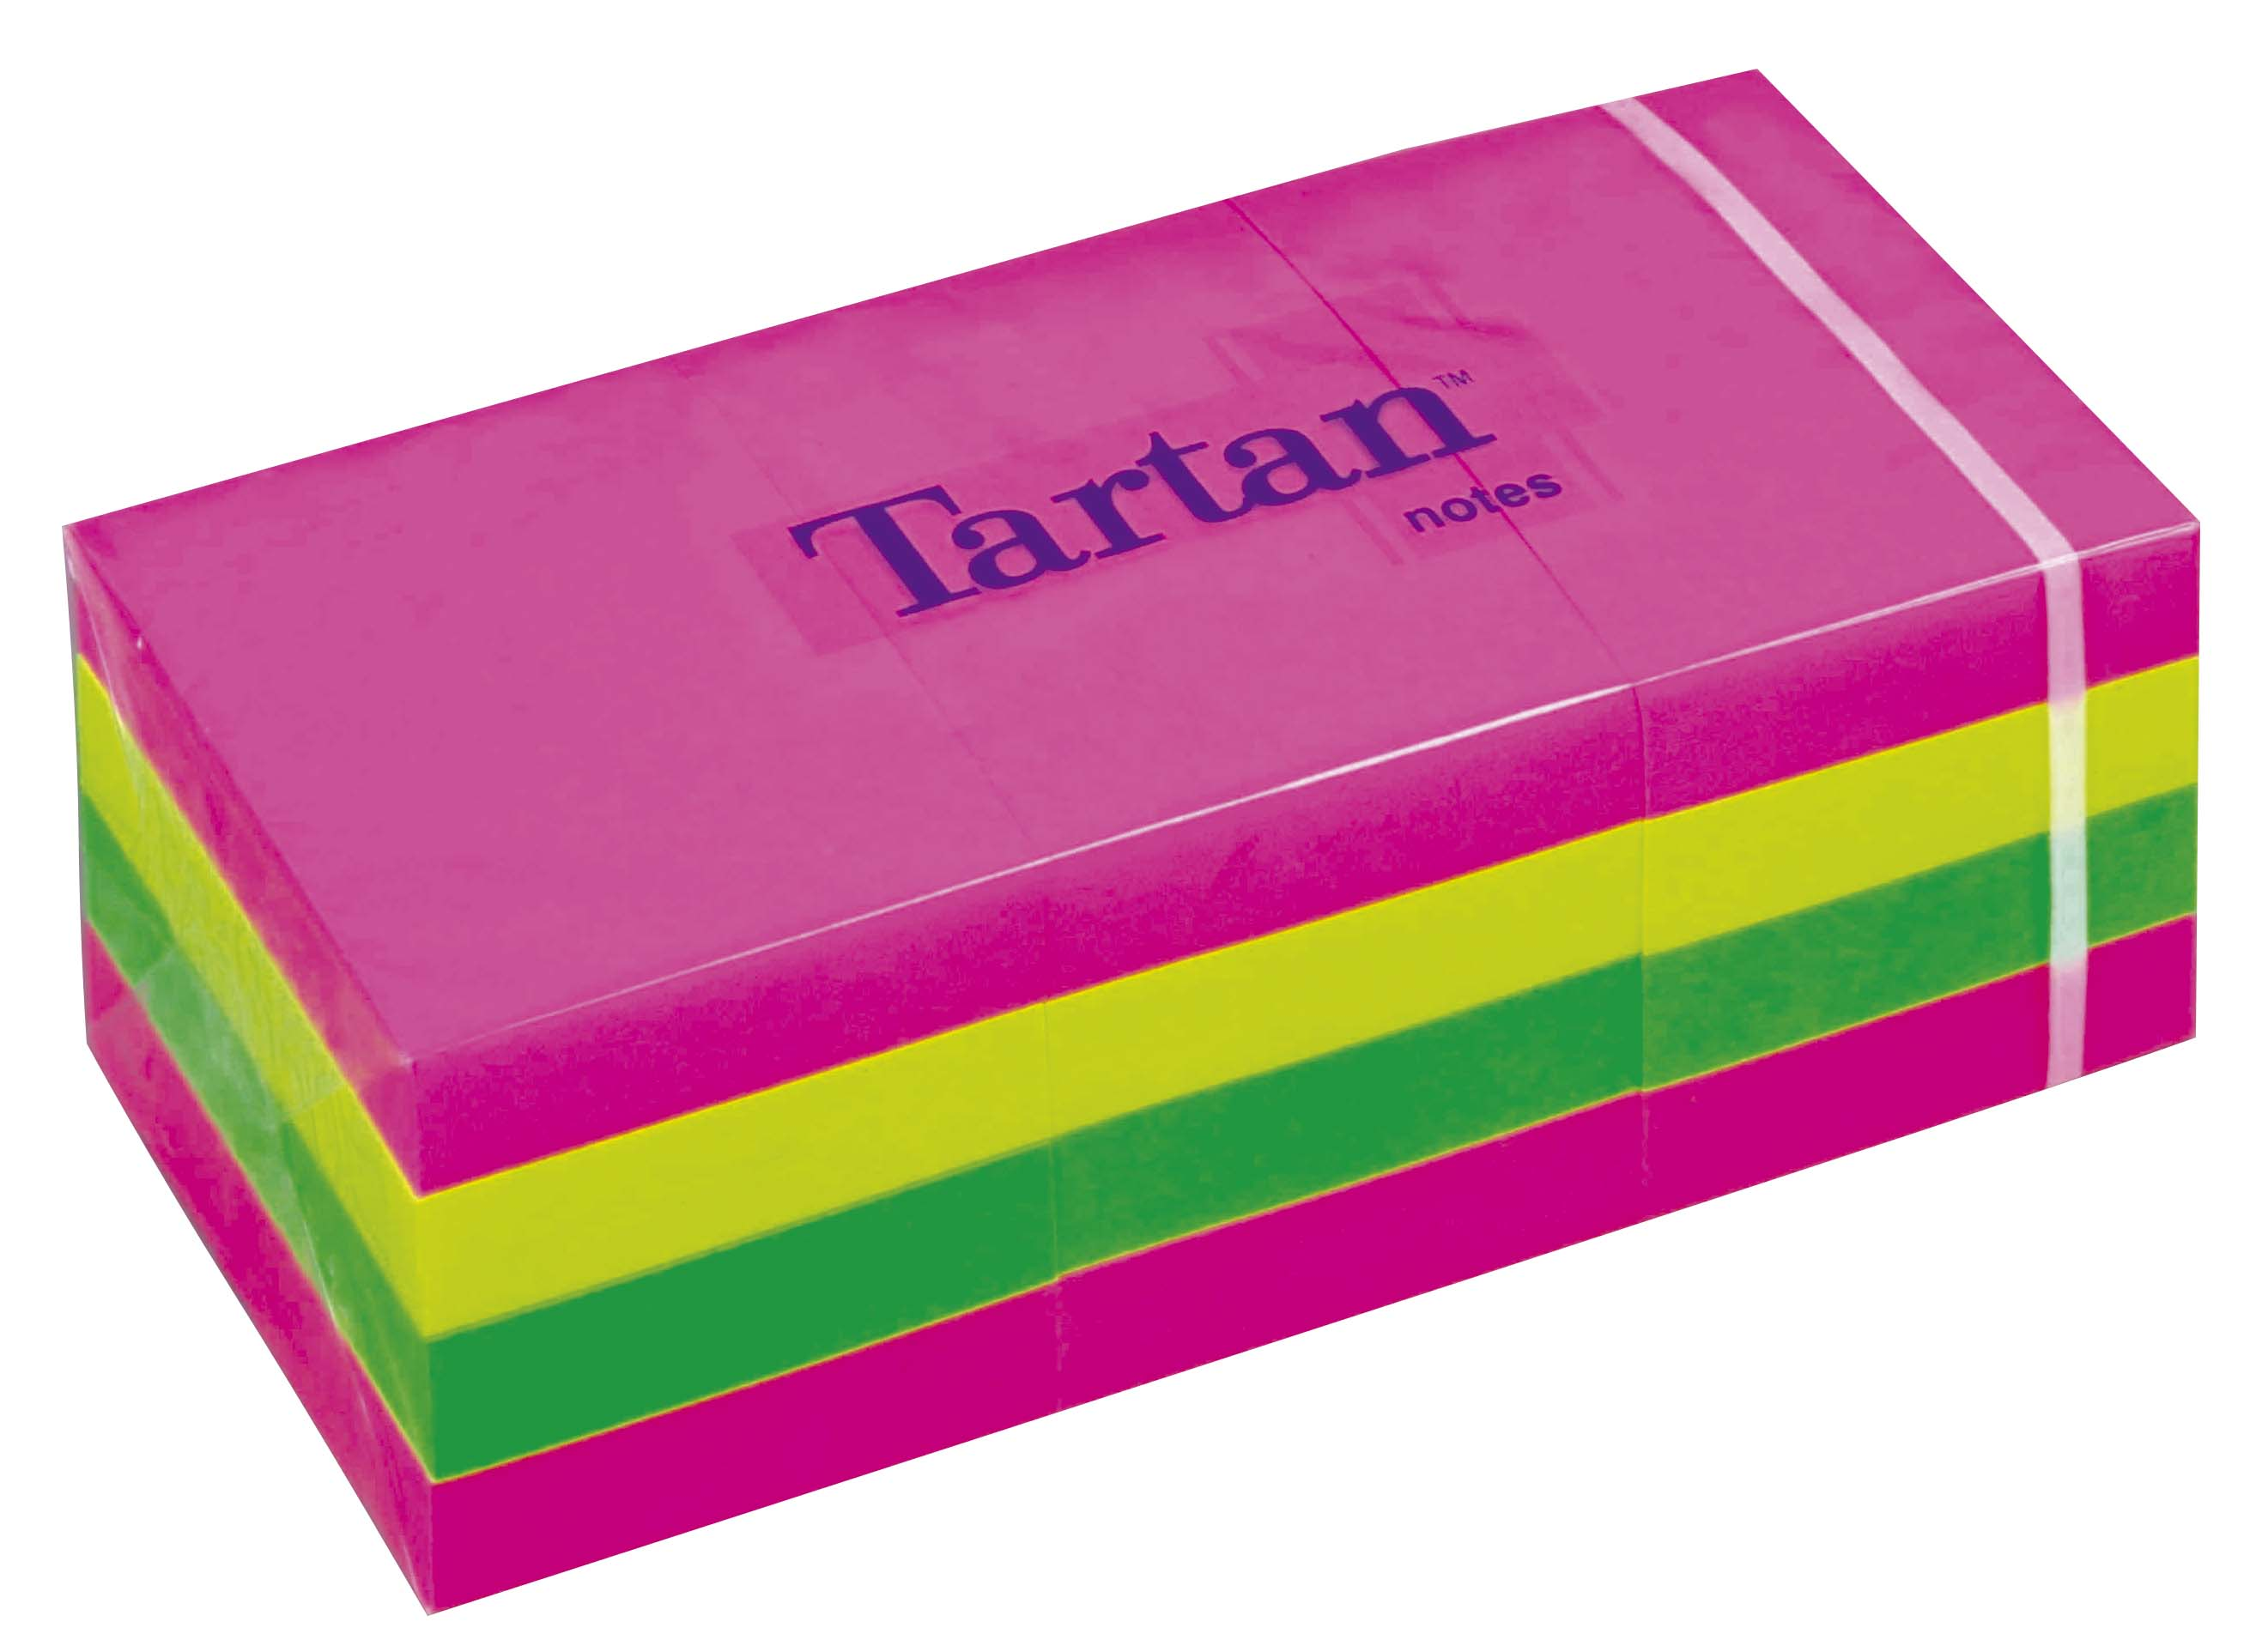 Öntapadó jegyzettömb, 38x51 mm, 100 lap, 12 tömb/cs, TARTAN, vegyes neon színek